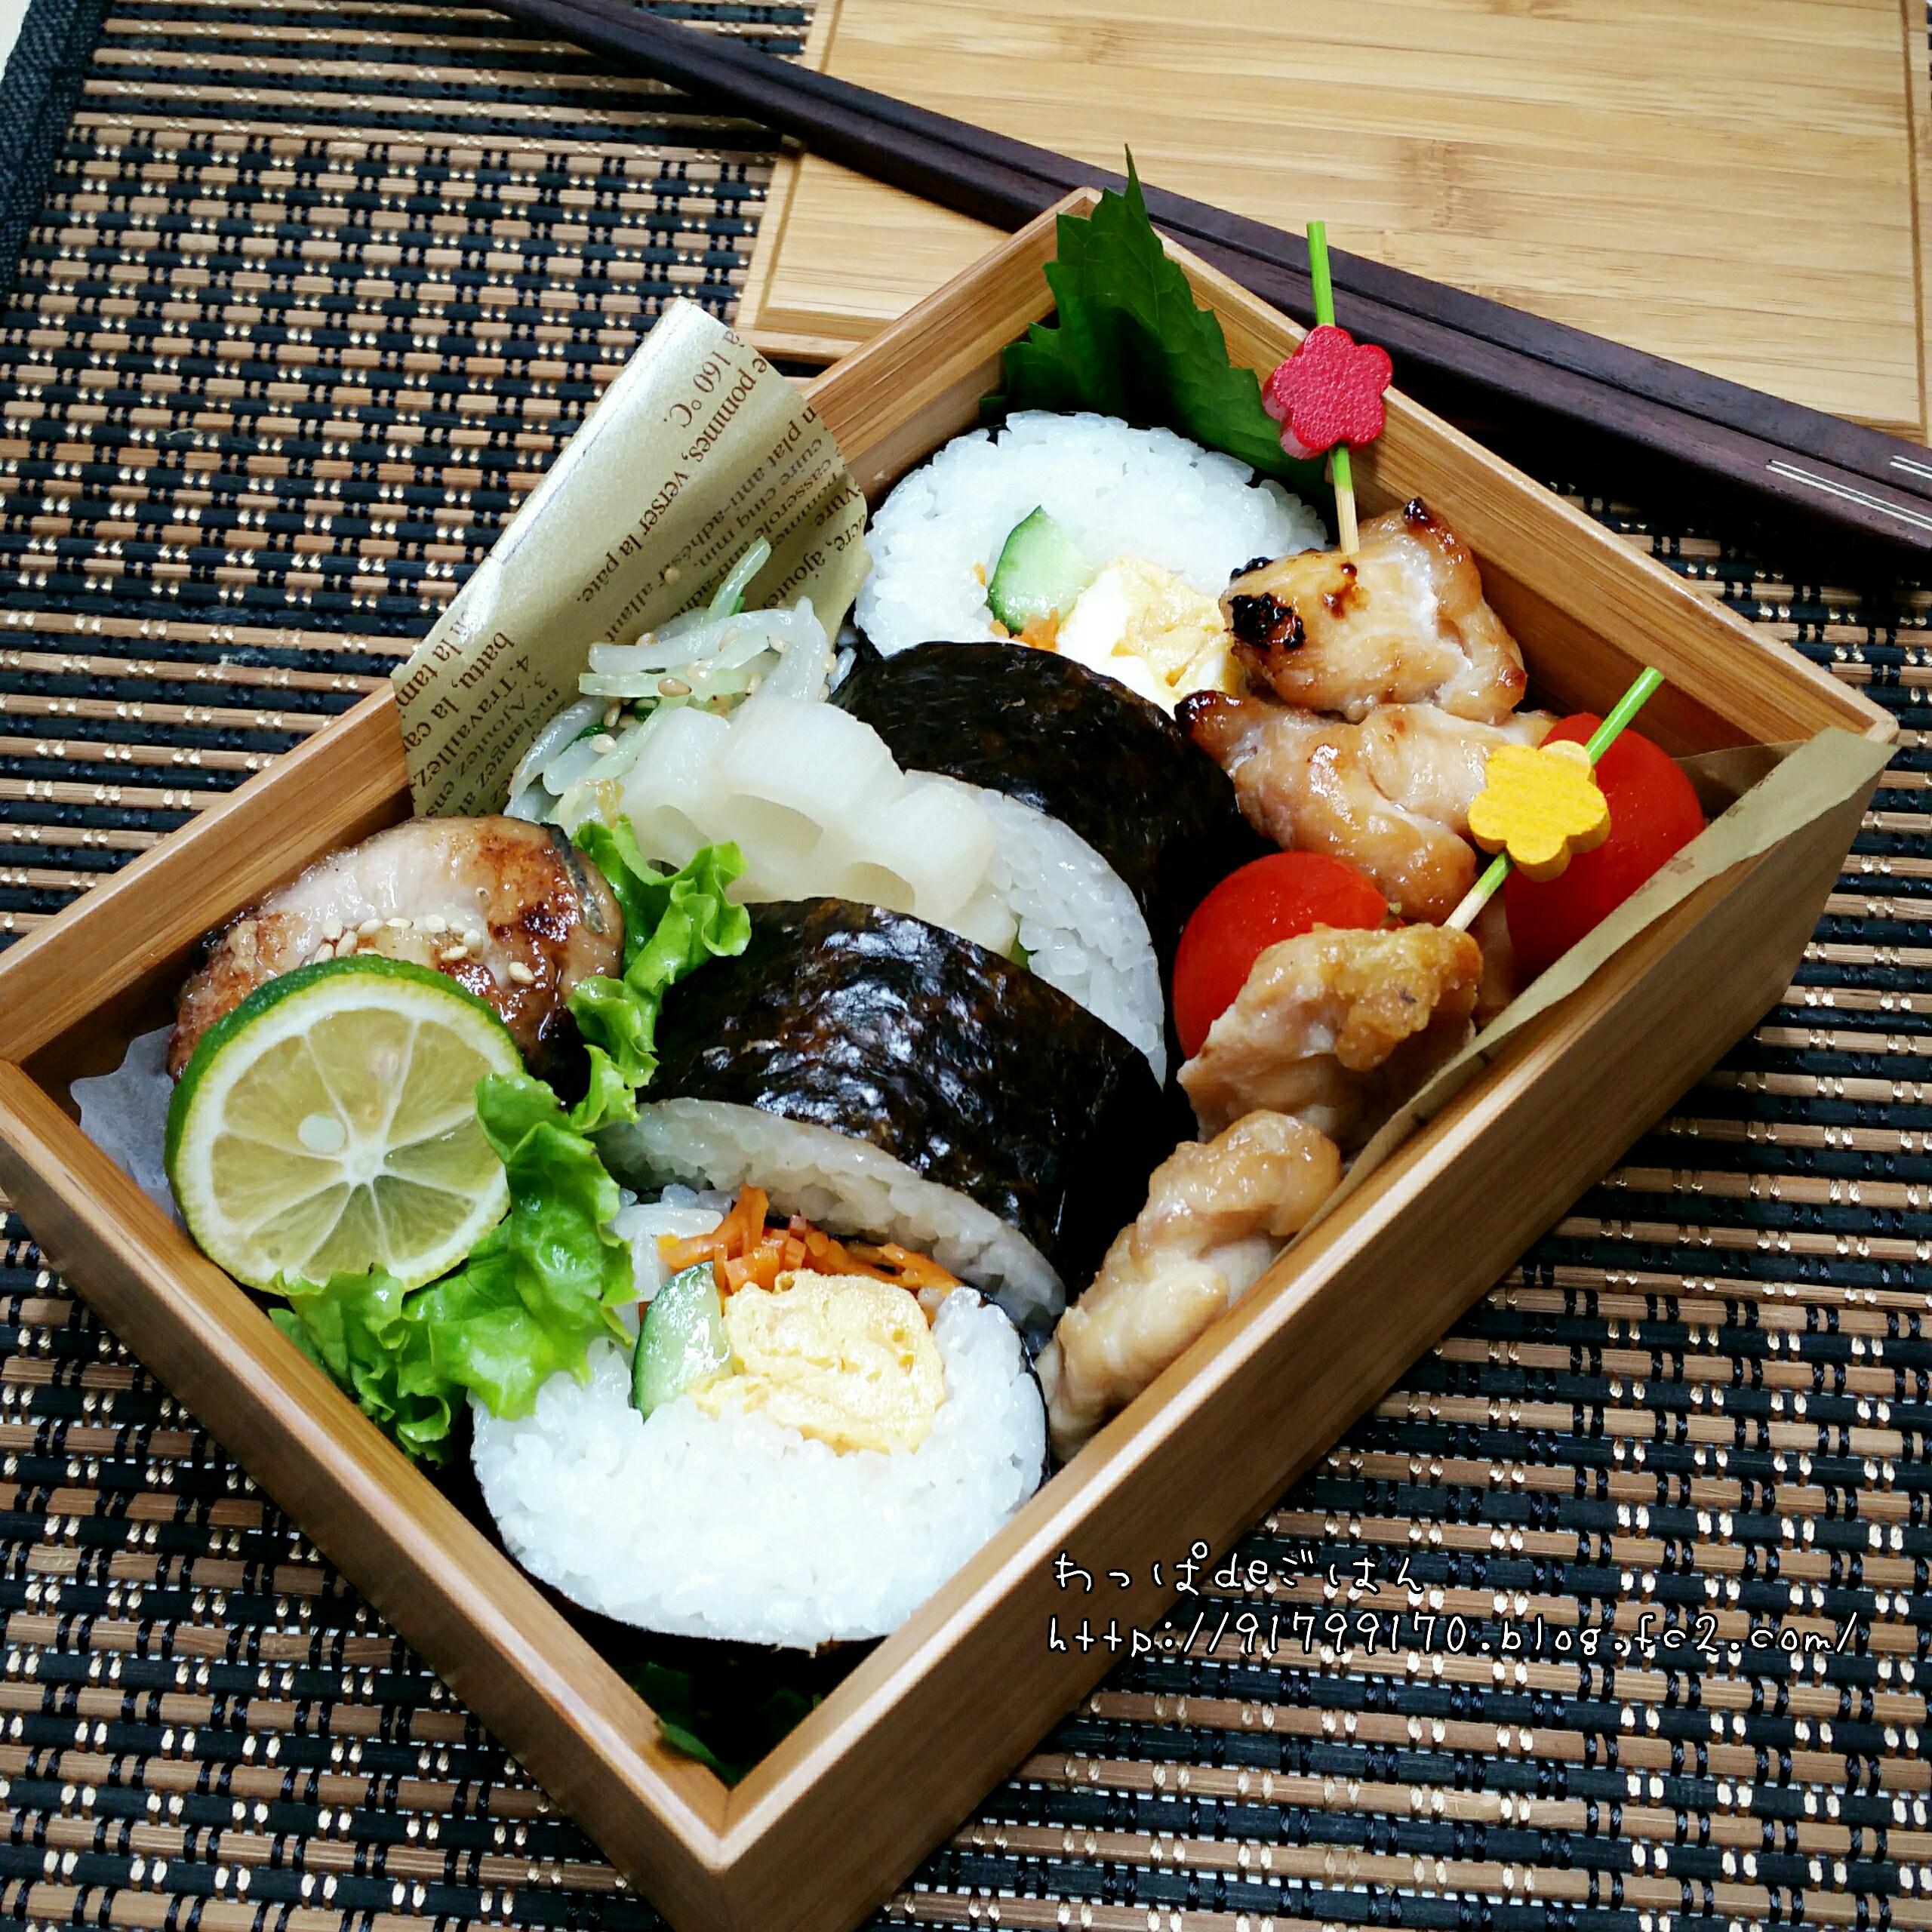 焼き鳥と巻き寿司弁当